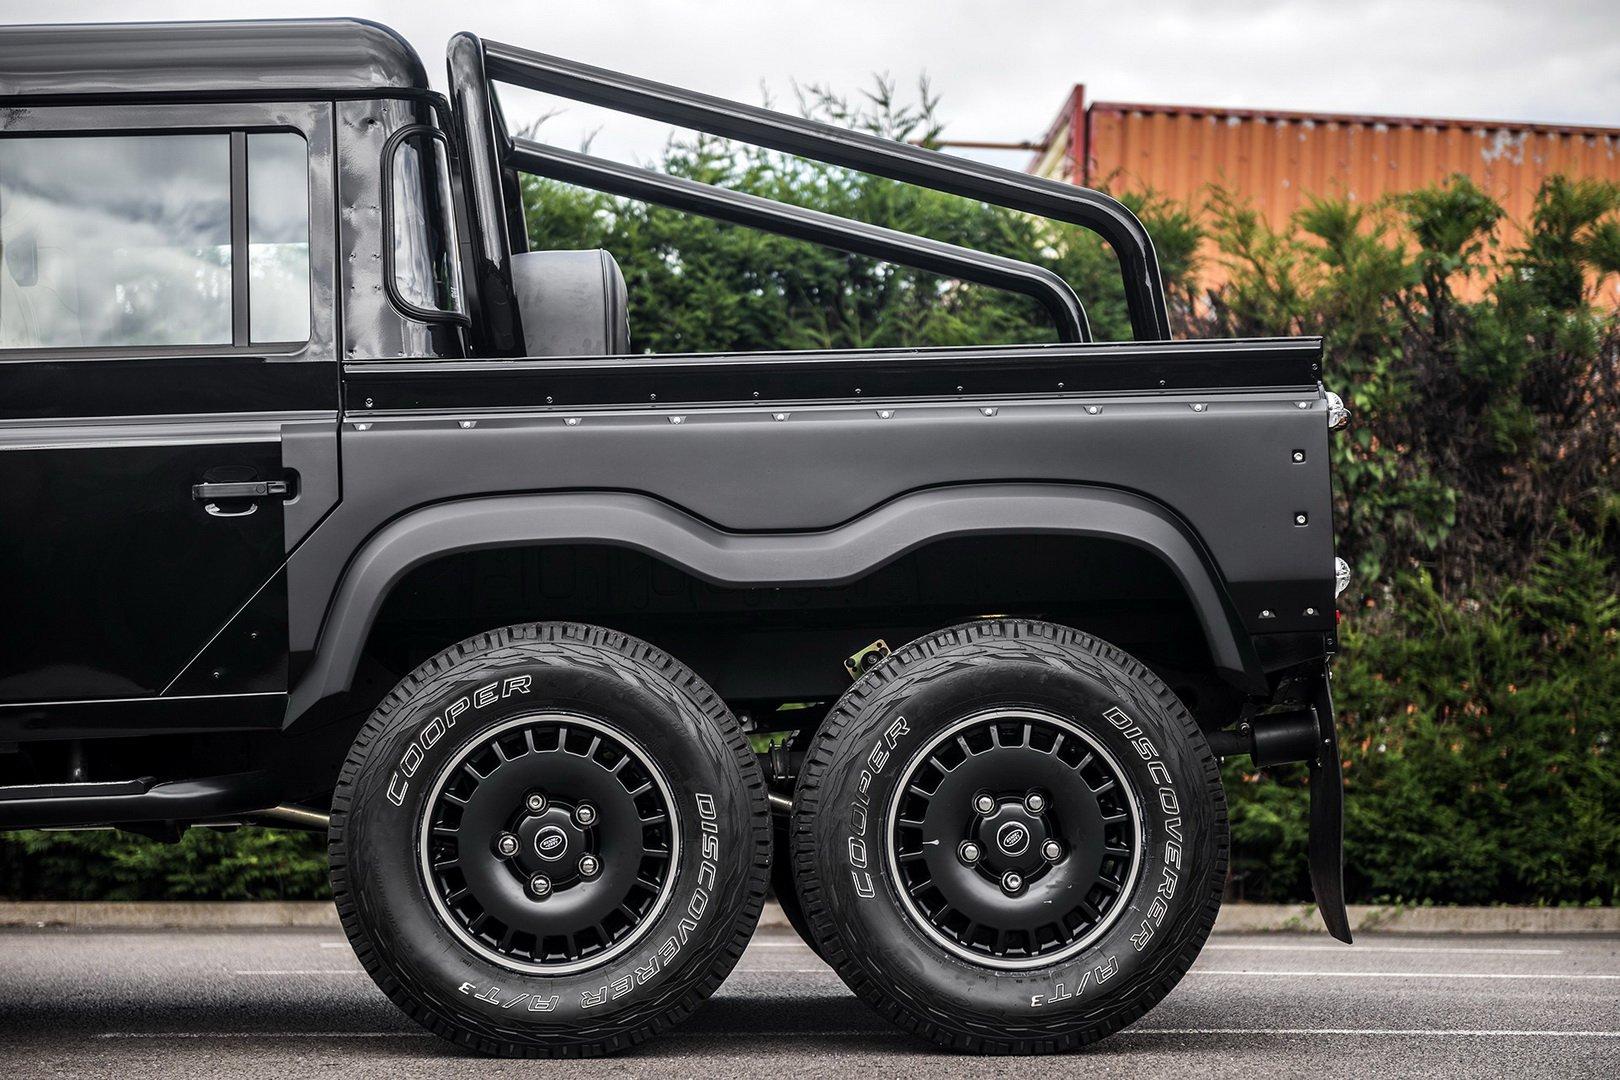 Land-Rover-Defender-Flying-Huntsman-6×6-13